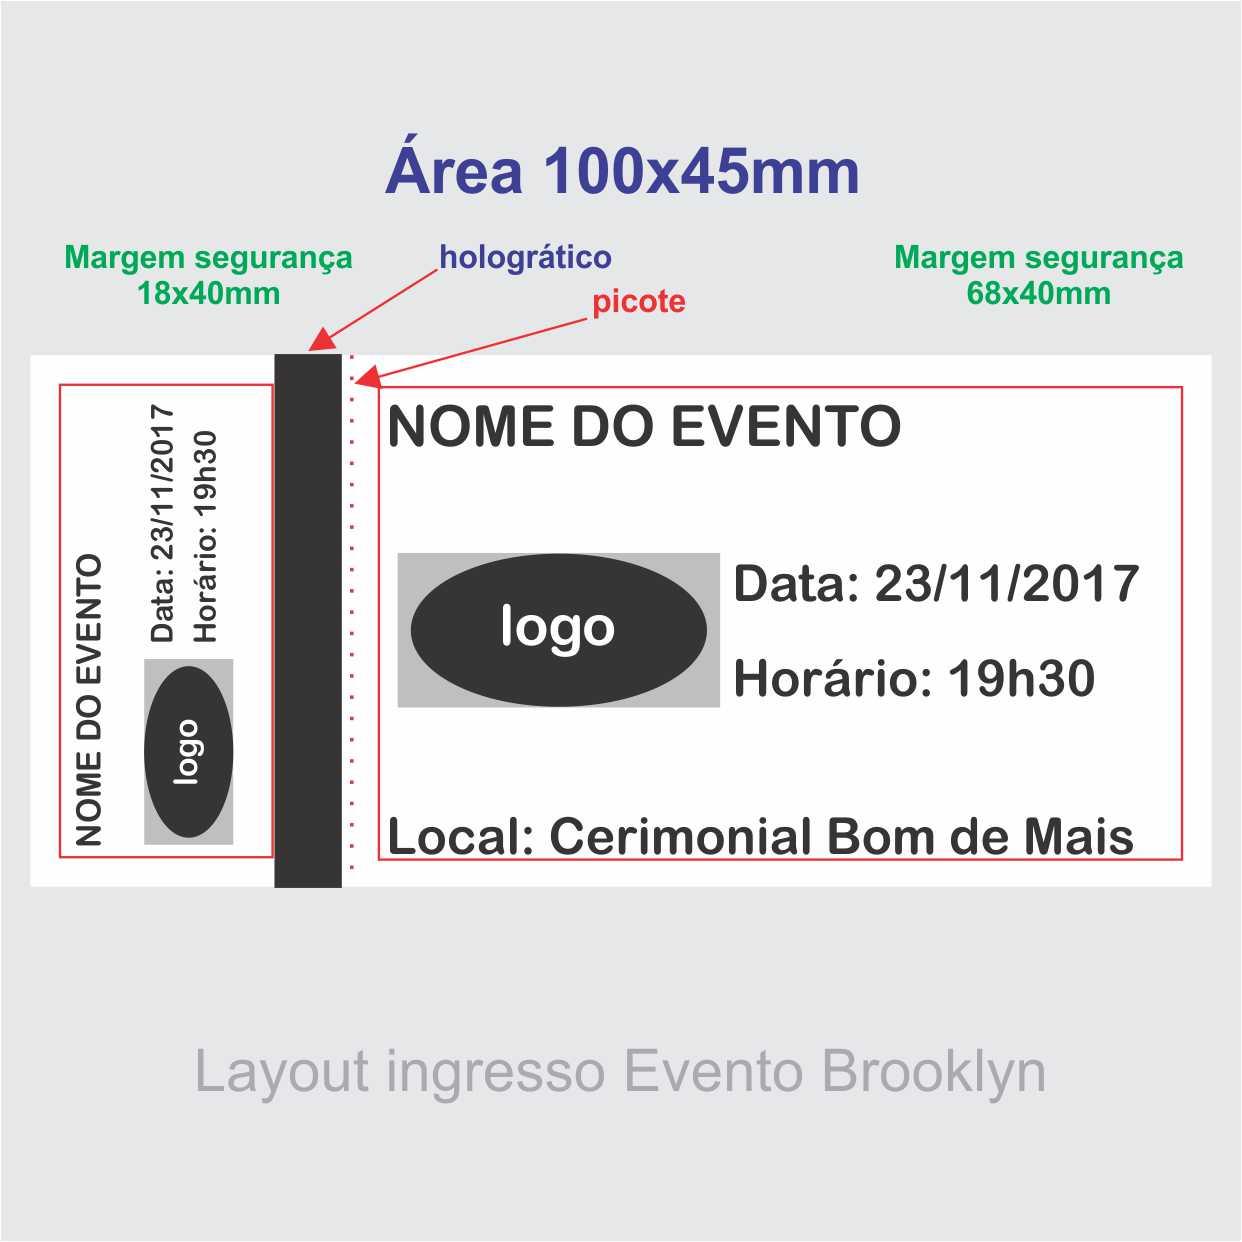 Ingresso de Segurança para Show, Festa e Evento 105x50mm mínimo 500un